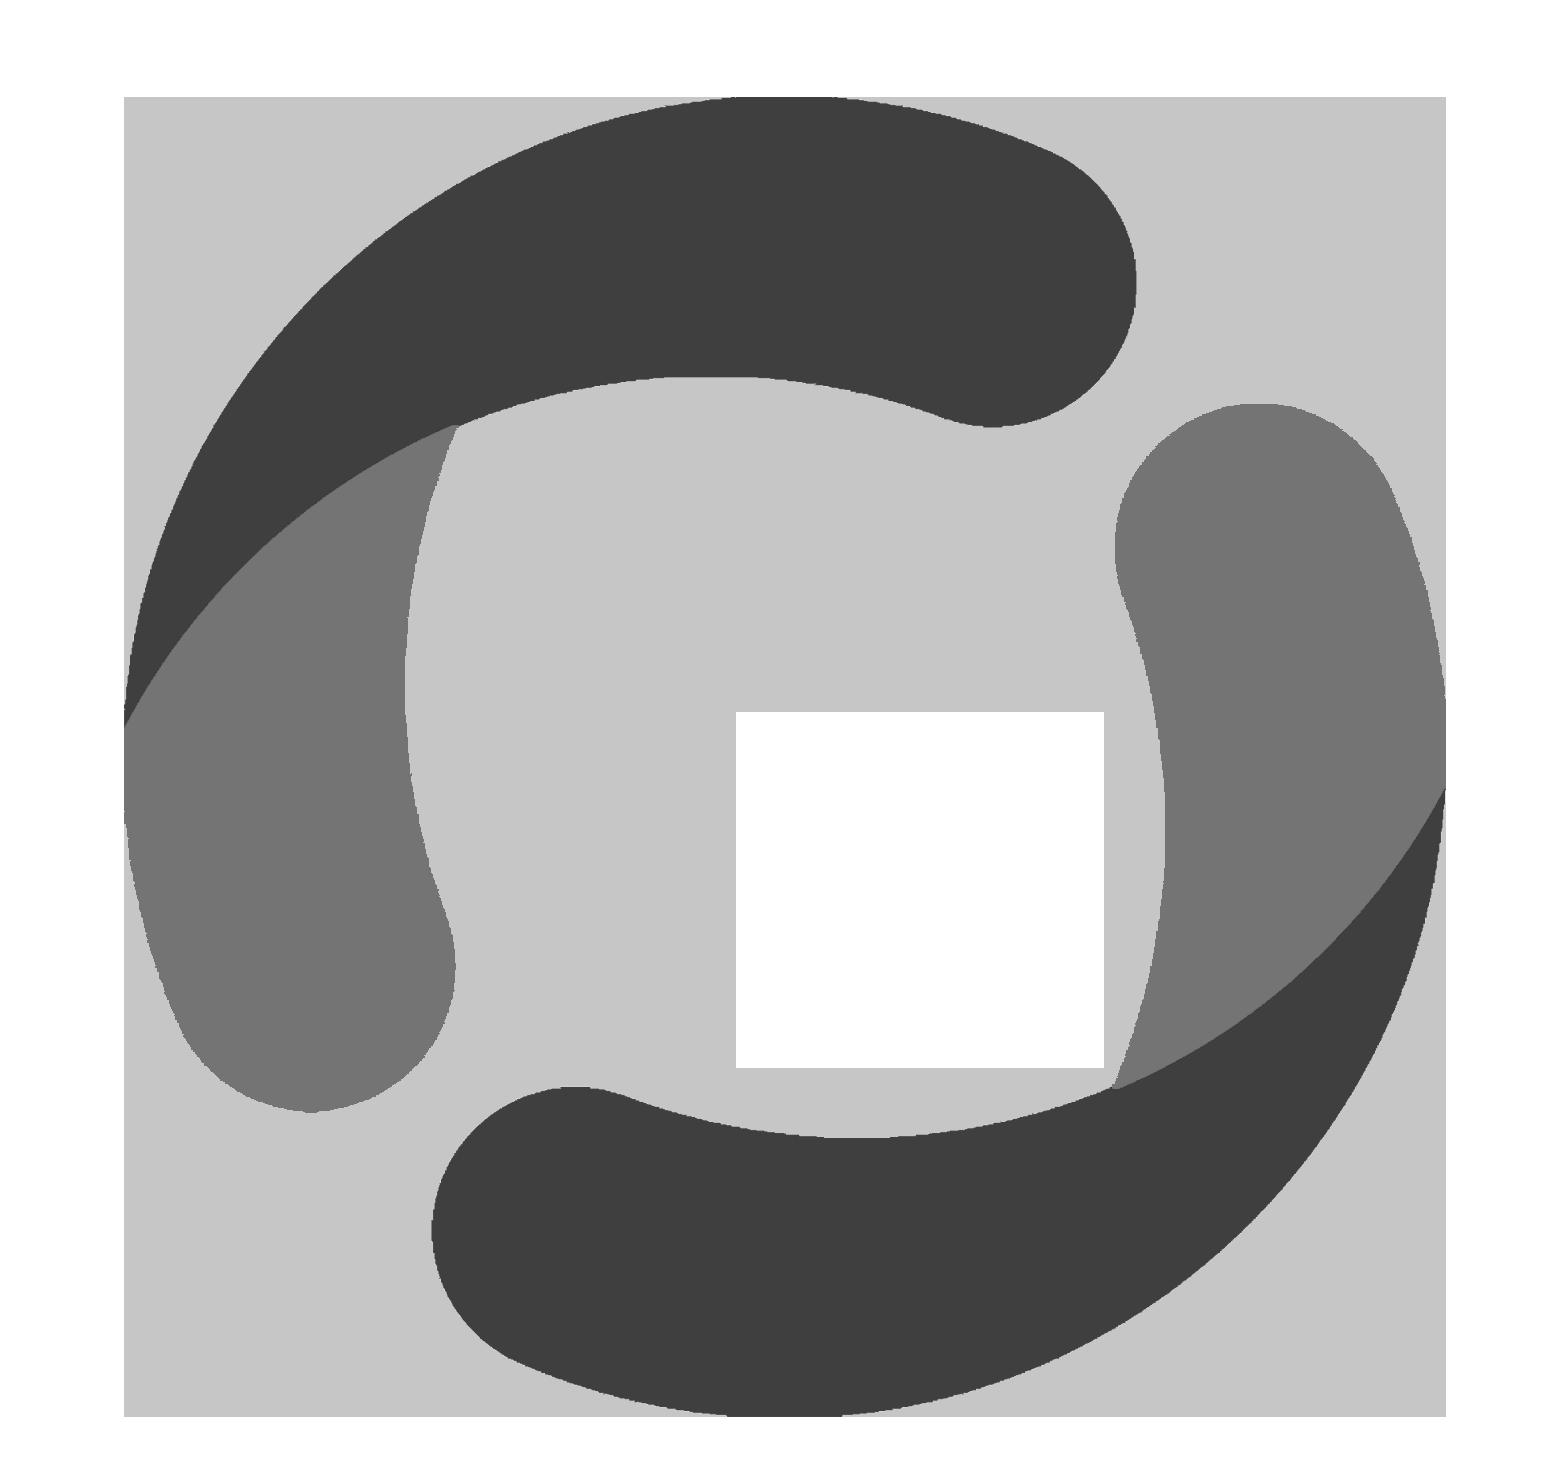 Reab - Fisioterapia e Pilates Icon